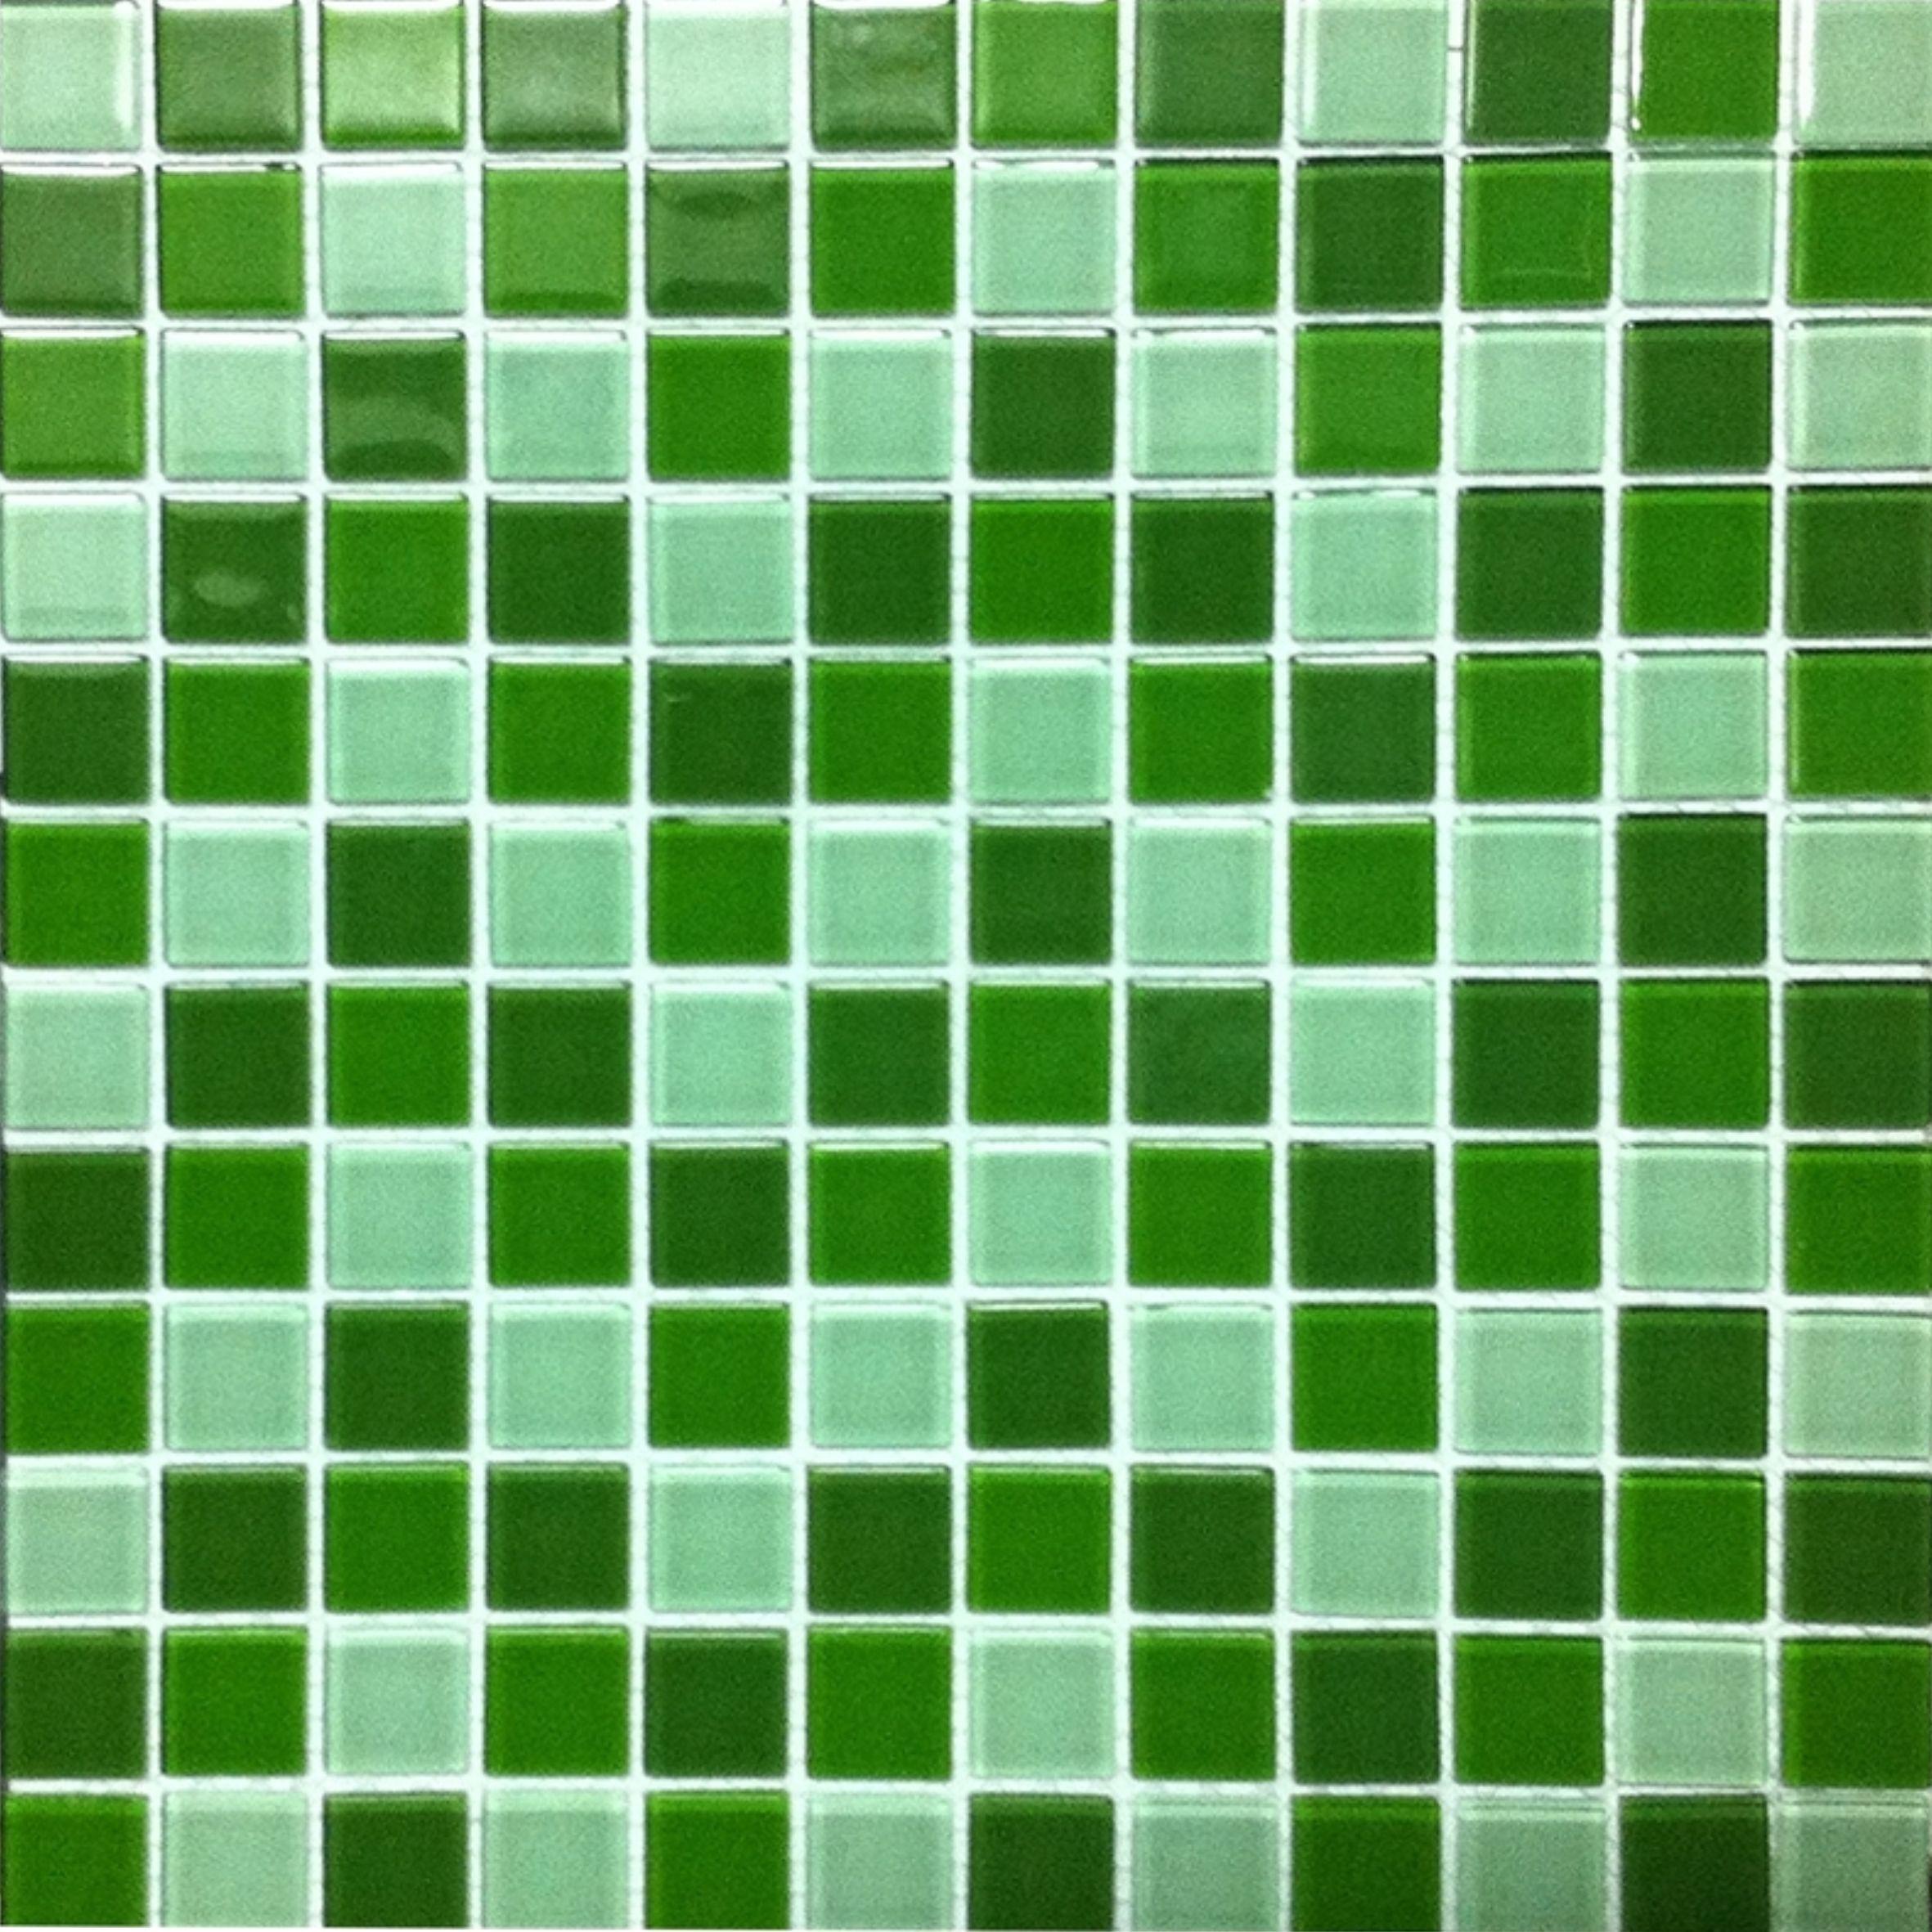 kit pastilhas verdes frete grtis on the uau adesivos azulejos u painis elo